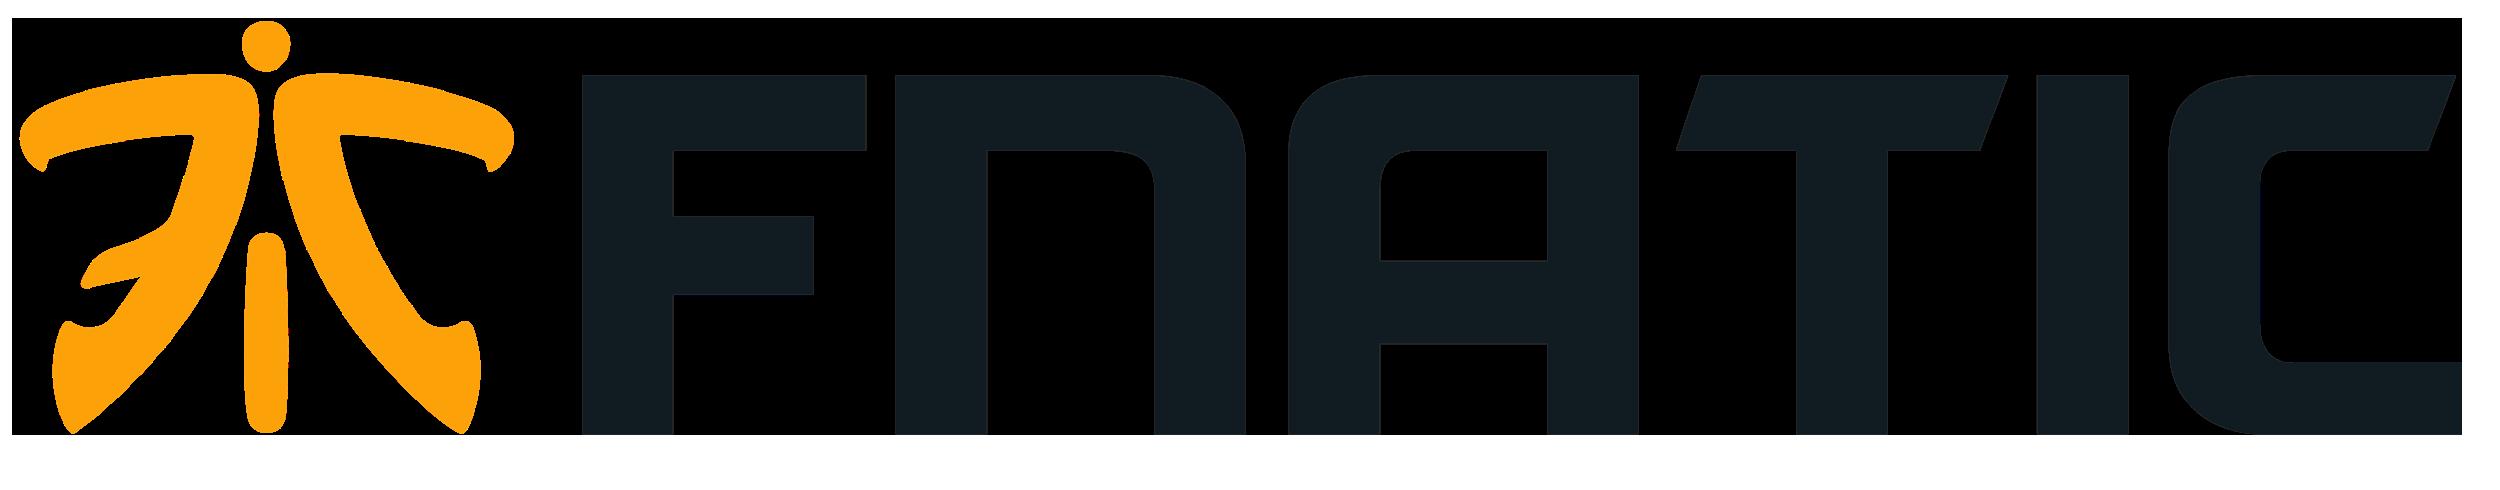 Fnatic logo, horizontal - Fnatic PNG